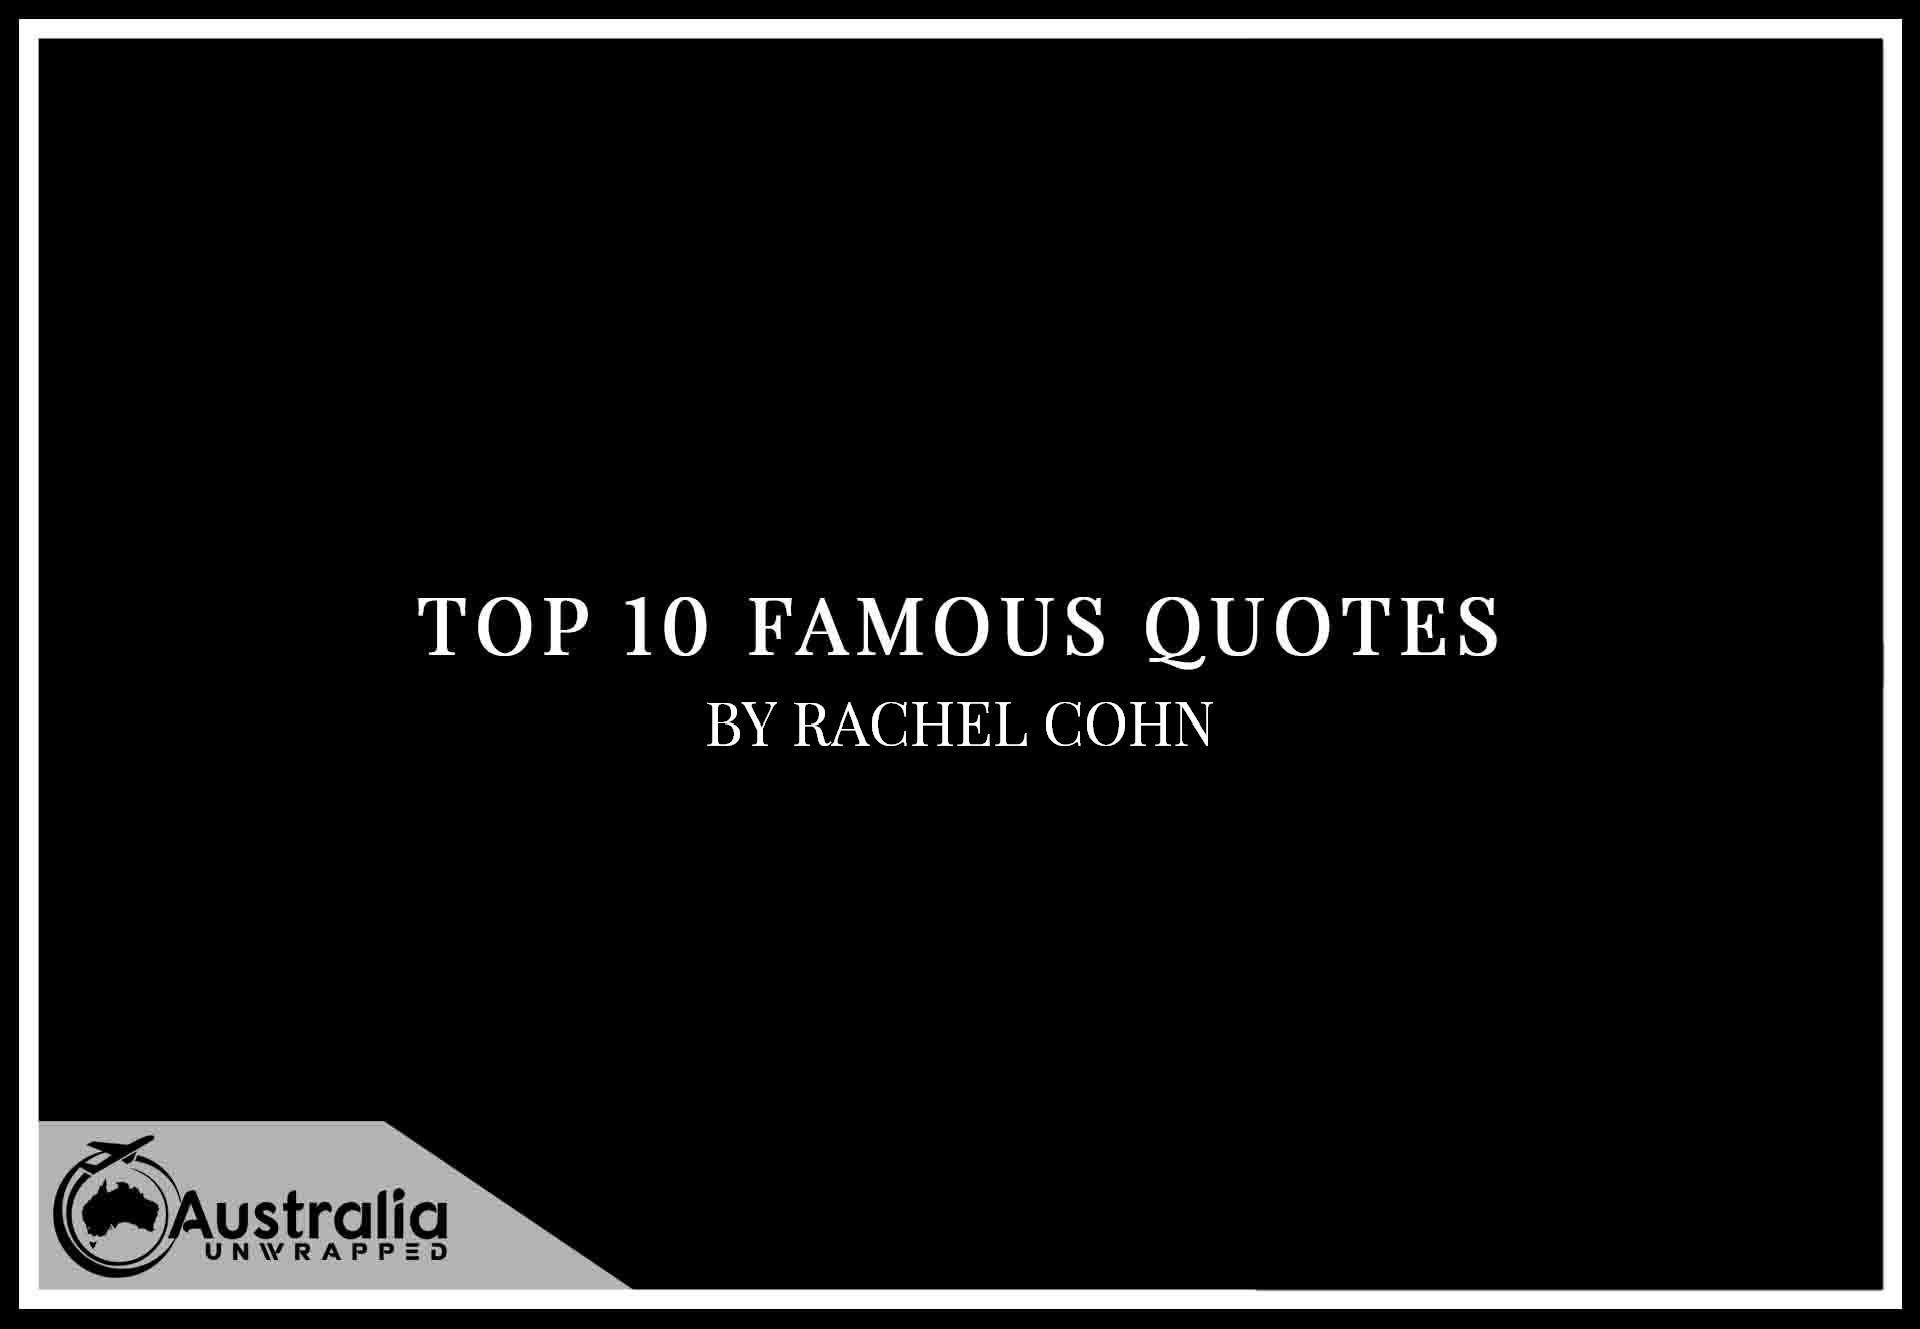 Top 10 Famous Quotes by Author Rachel Cohn